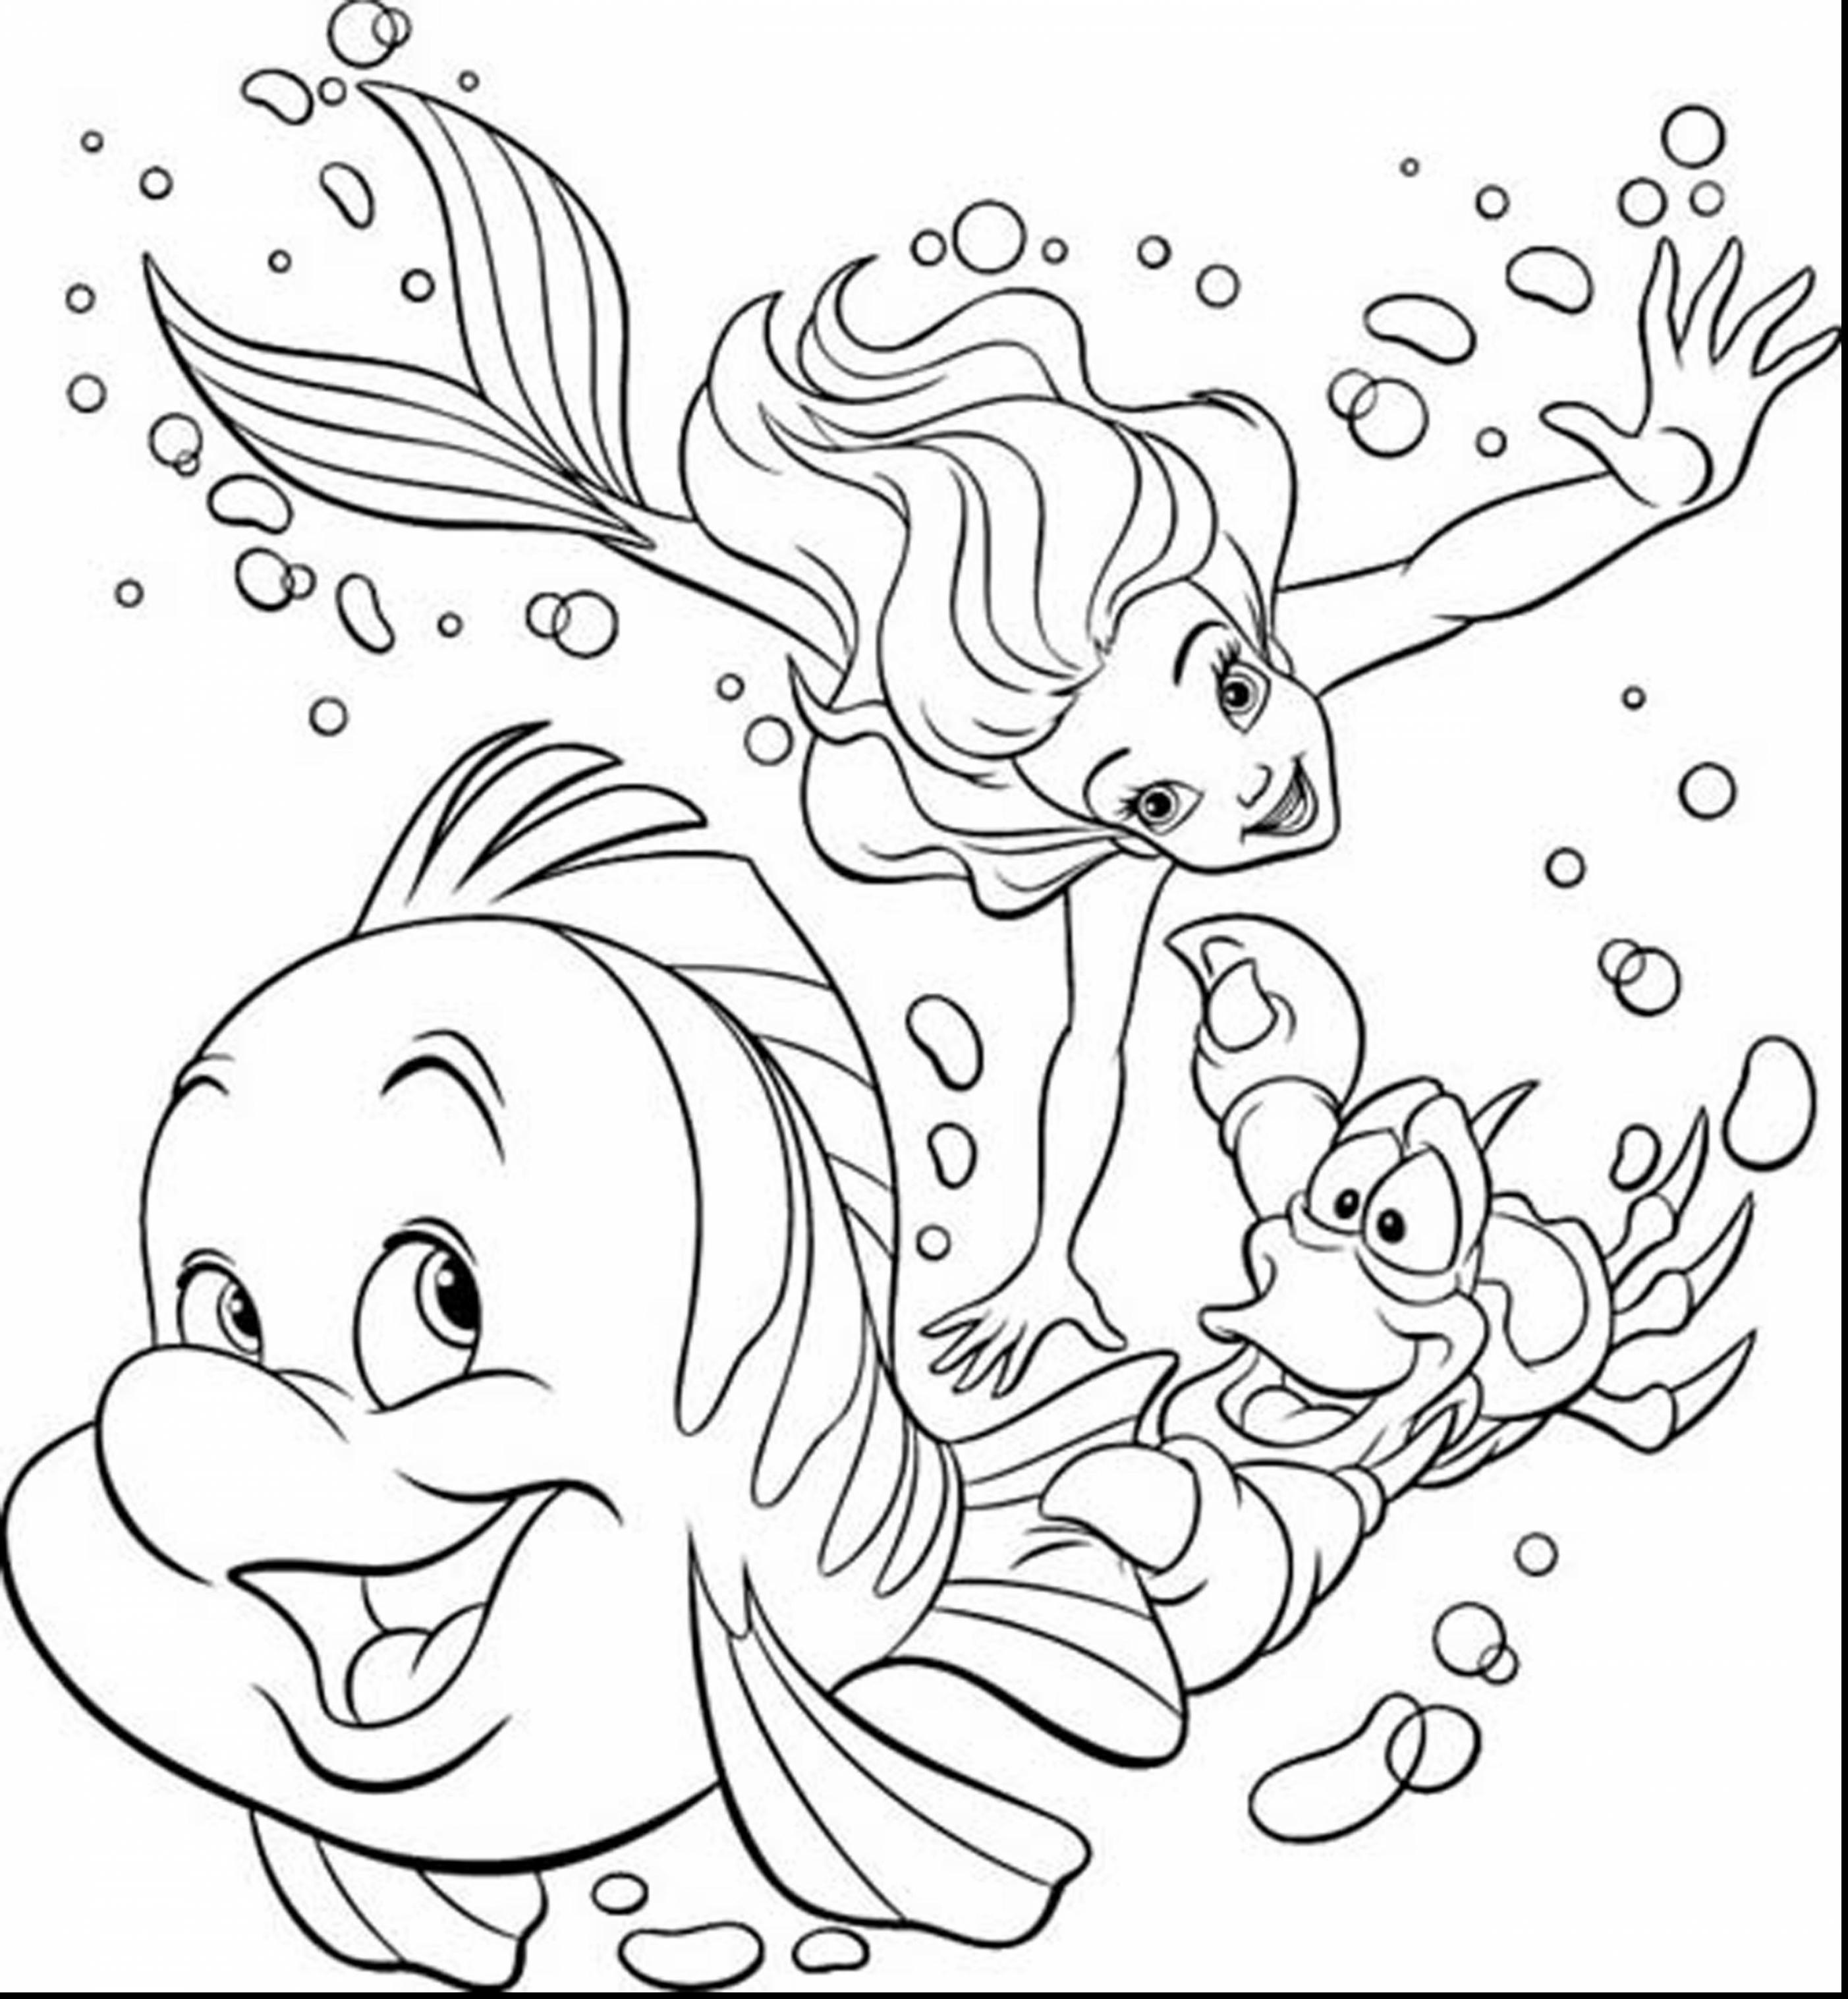 2805x3034 Unique Disney Princess Coloring Pages Kids Design Printable